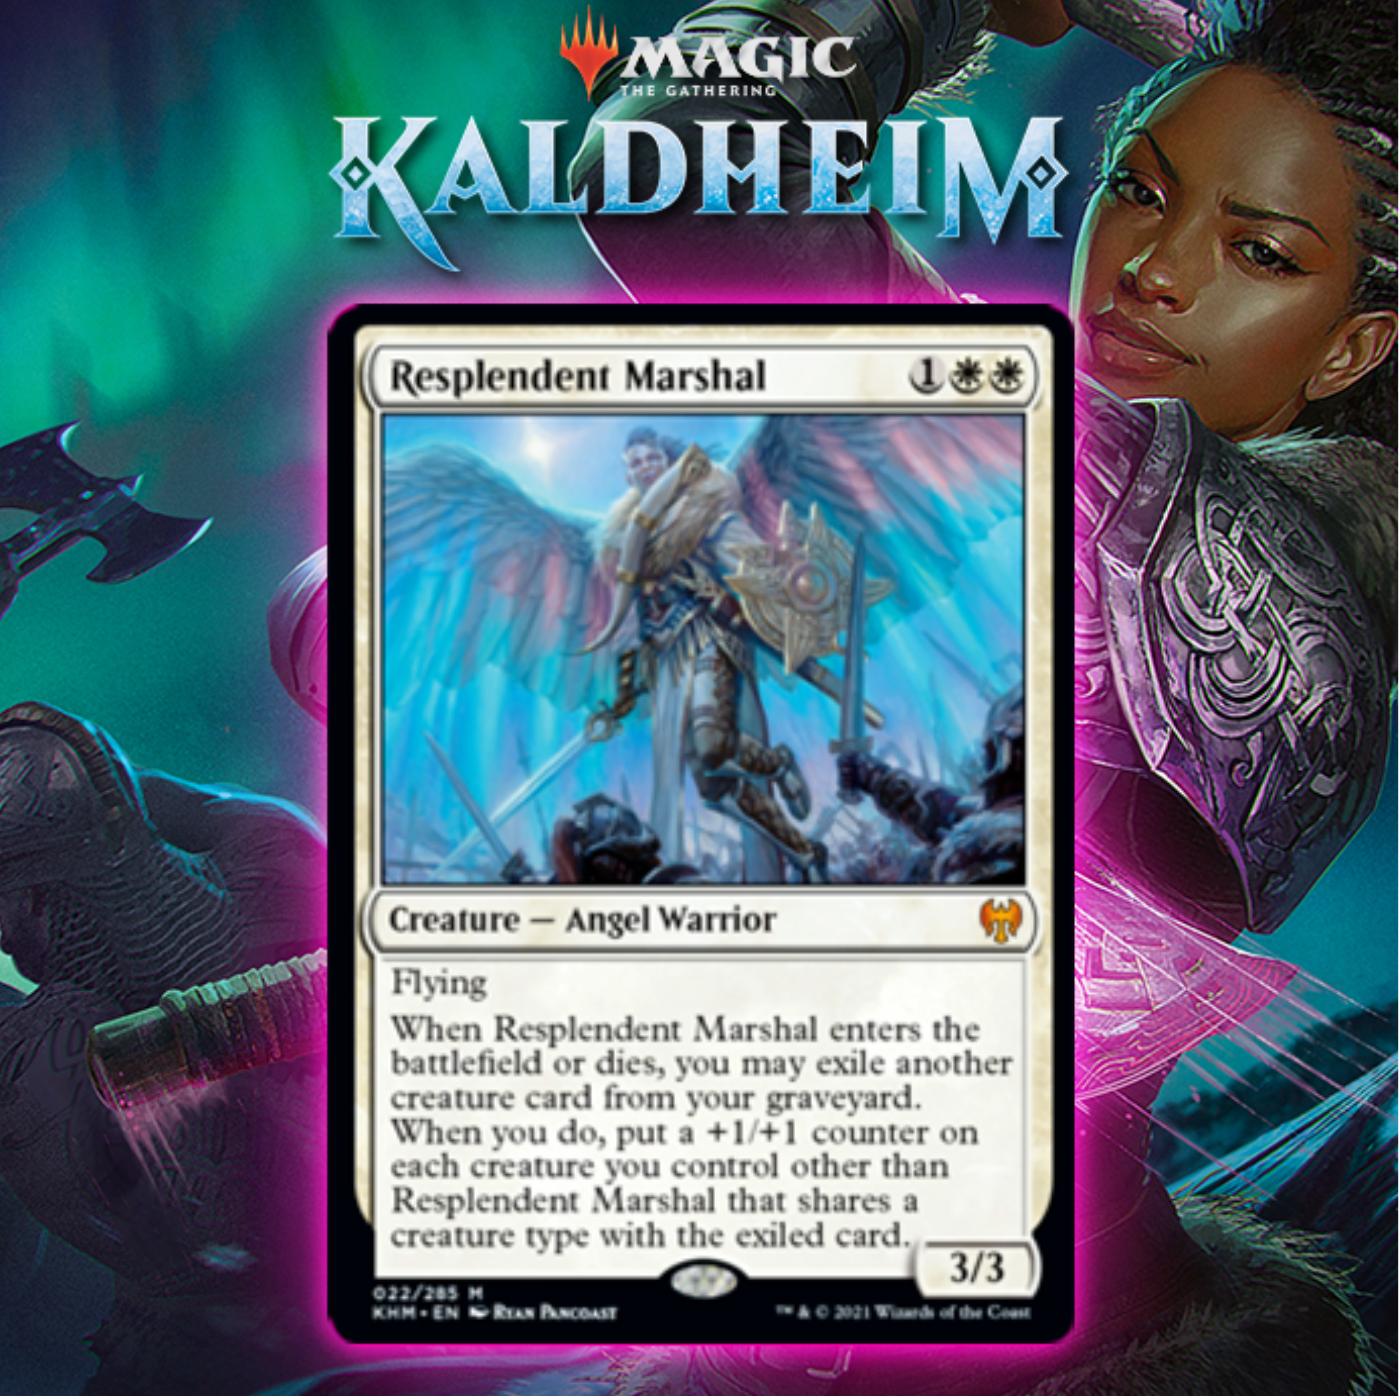 White Gets Mythic Rare Angel Warrior In Resplendent Marshall In Kaldheim